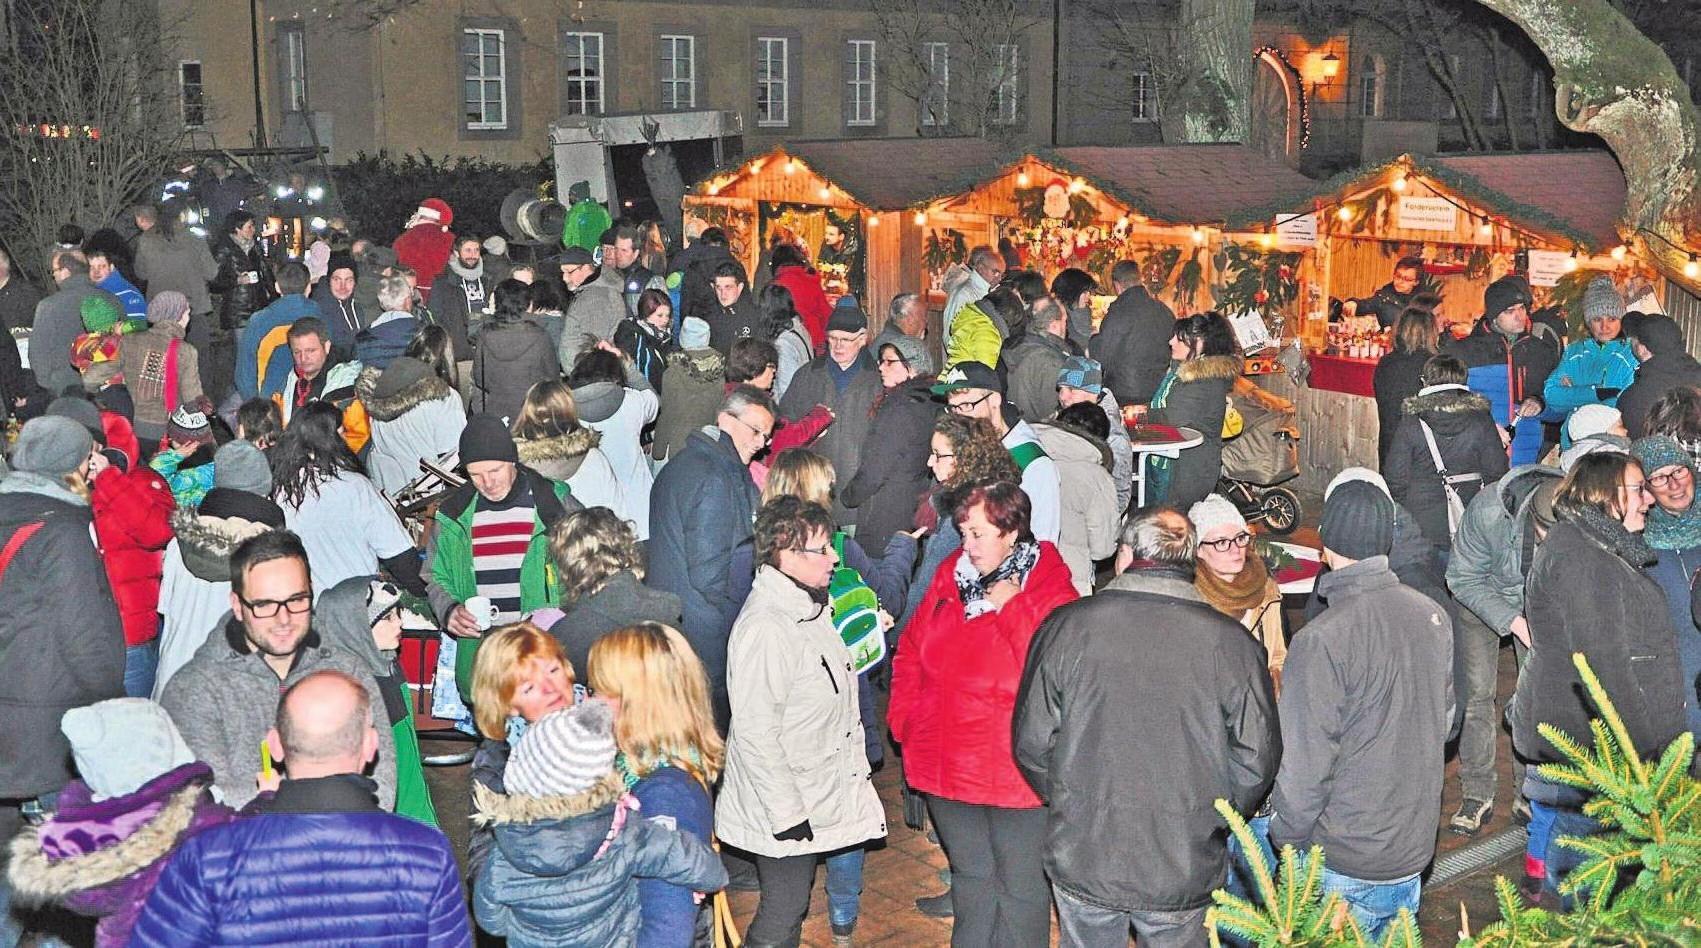 """Der """"Baderner Weihnachtsmarkt"""" im historischen Kurpark ist eine langjährige Tradition im kleinsten Heilbad Bayerns. Foto: Gemeinde Bad Alexandersbad"""